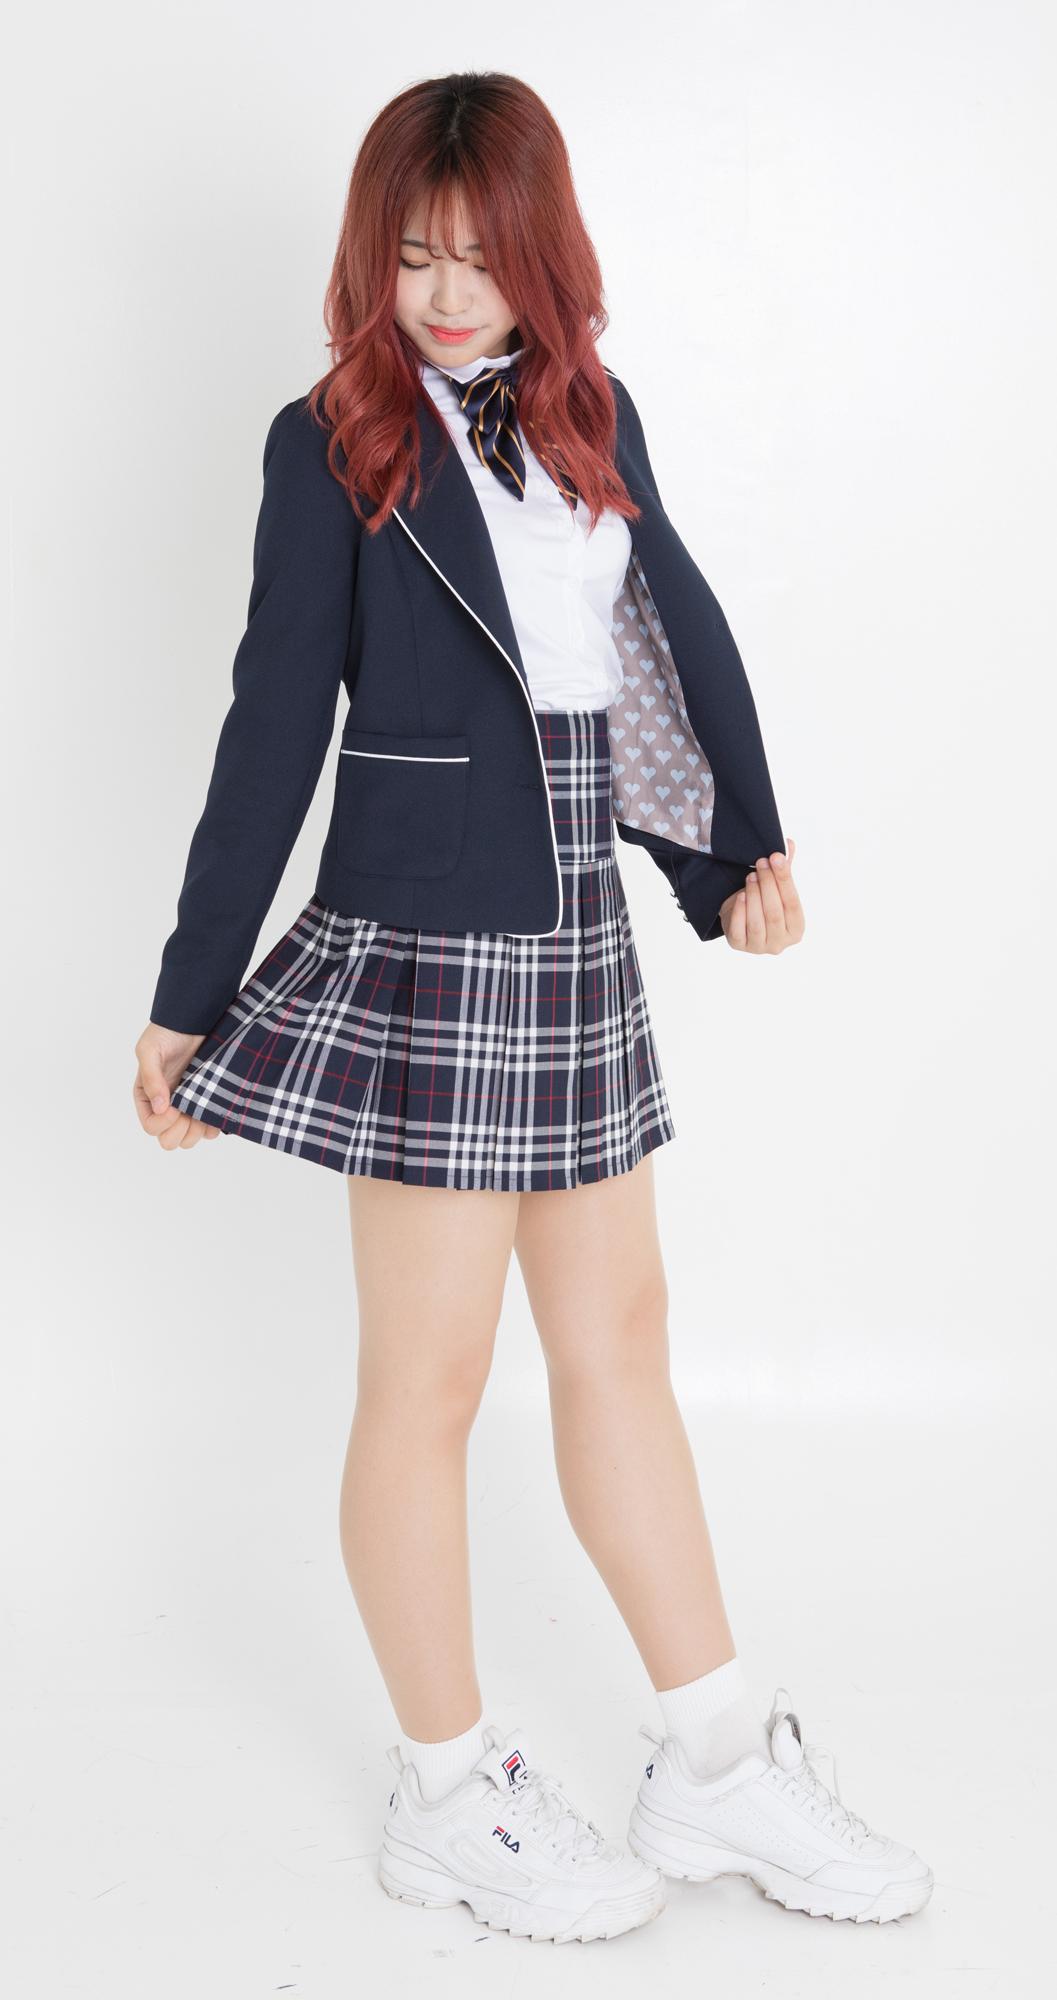 【レンタル3泊4日】ネイビーチェックシャツ&スカート【上下セット・ネクタイ1本無料】